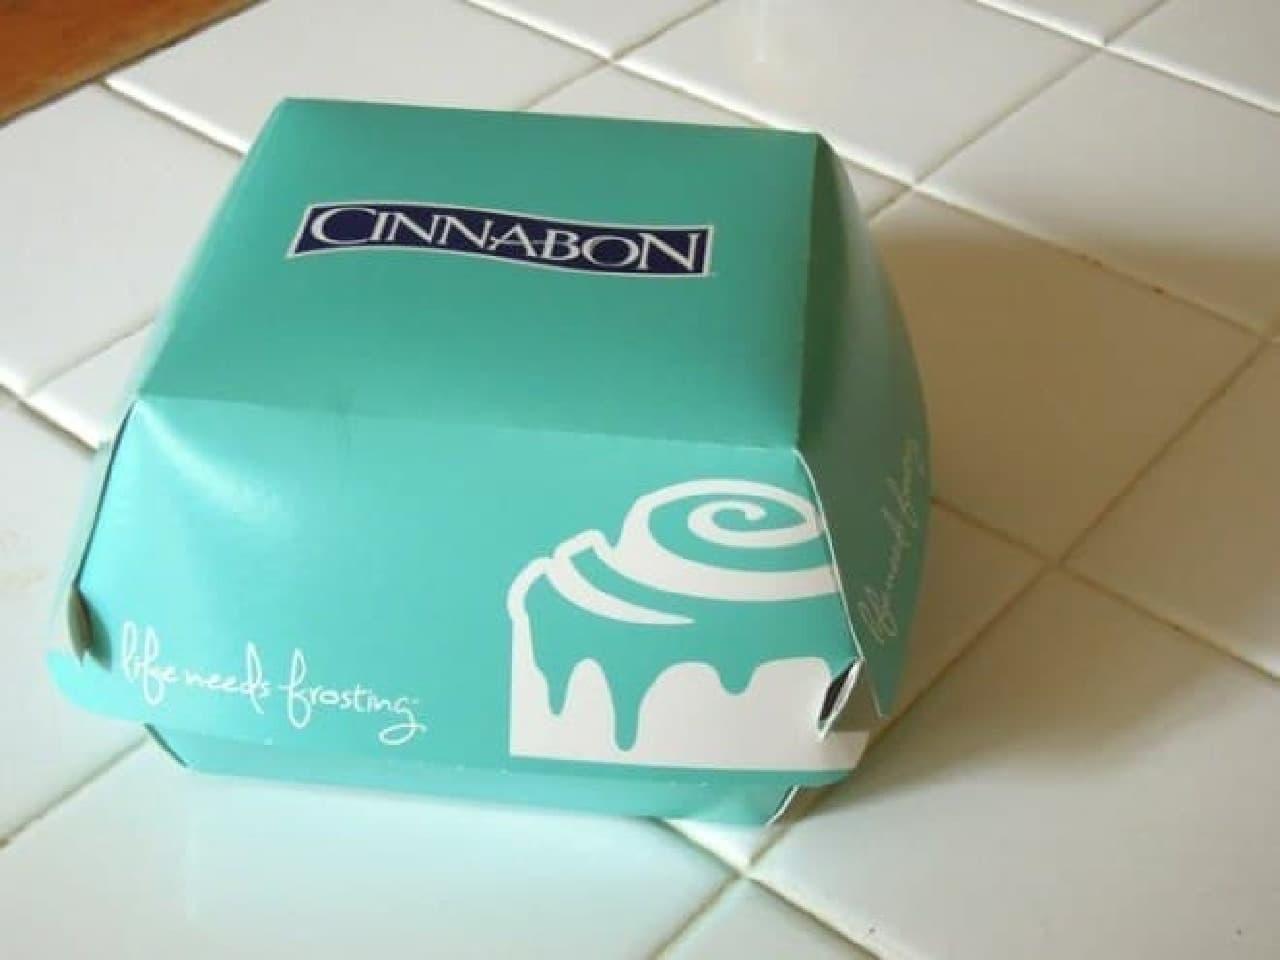 シナボンのテイクアウト用ボックス